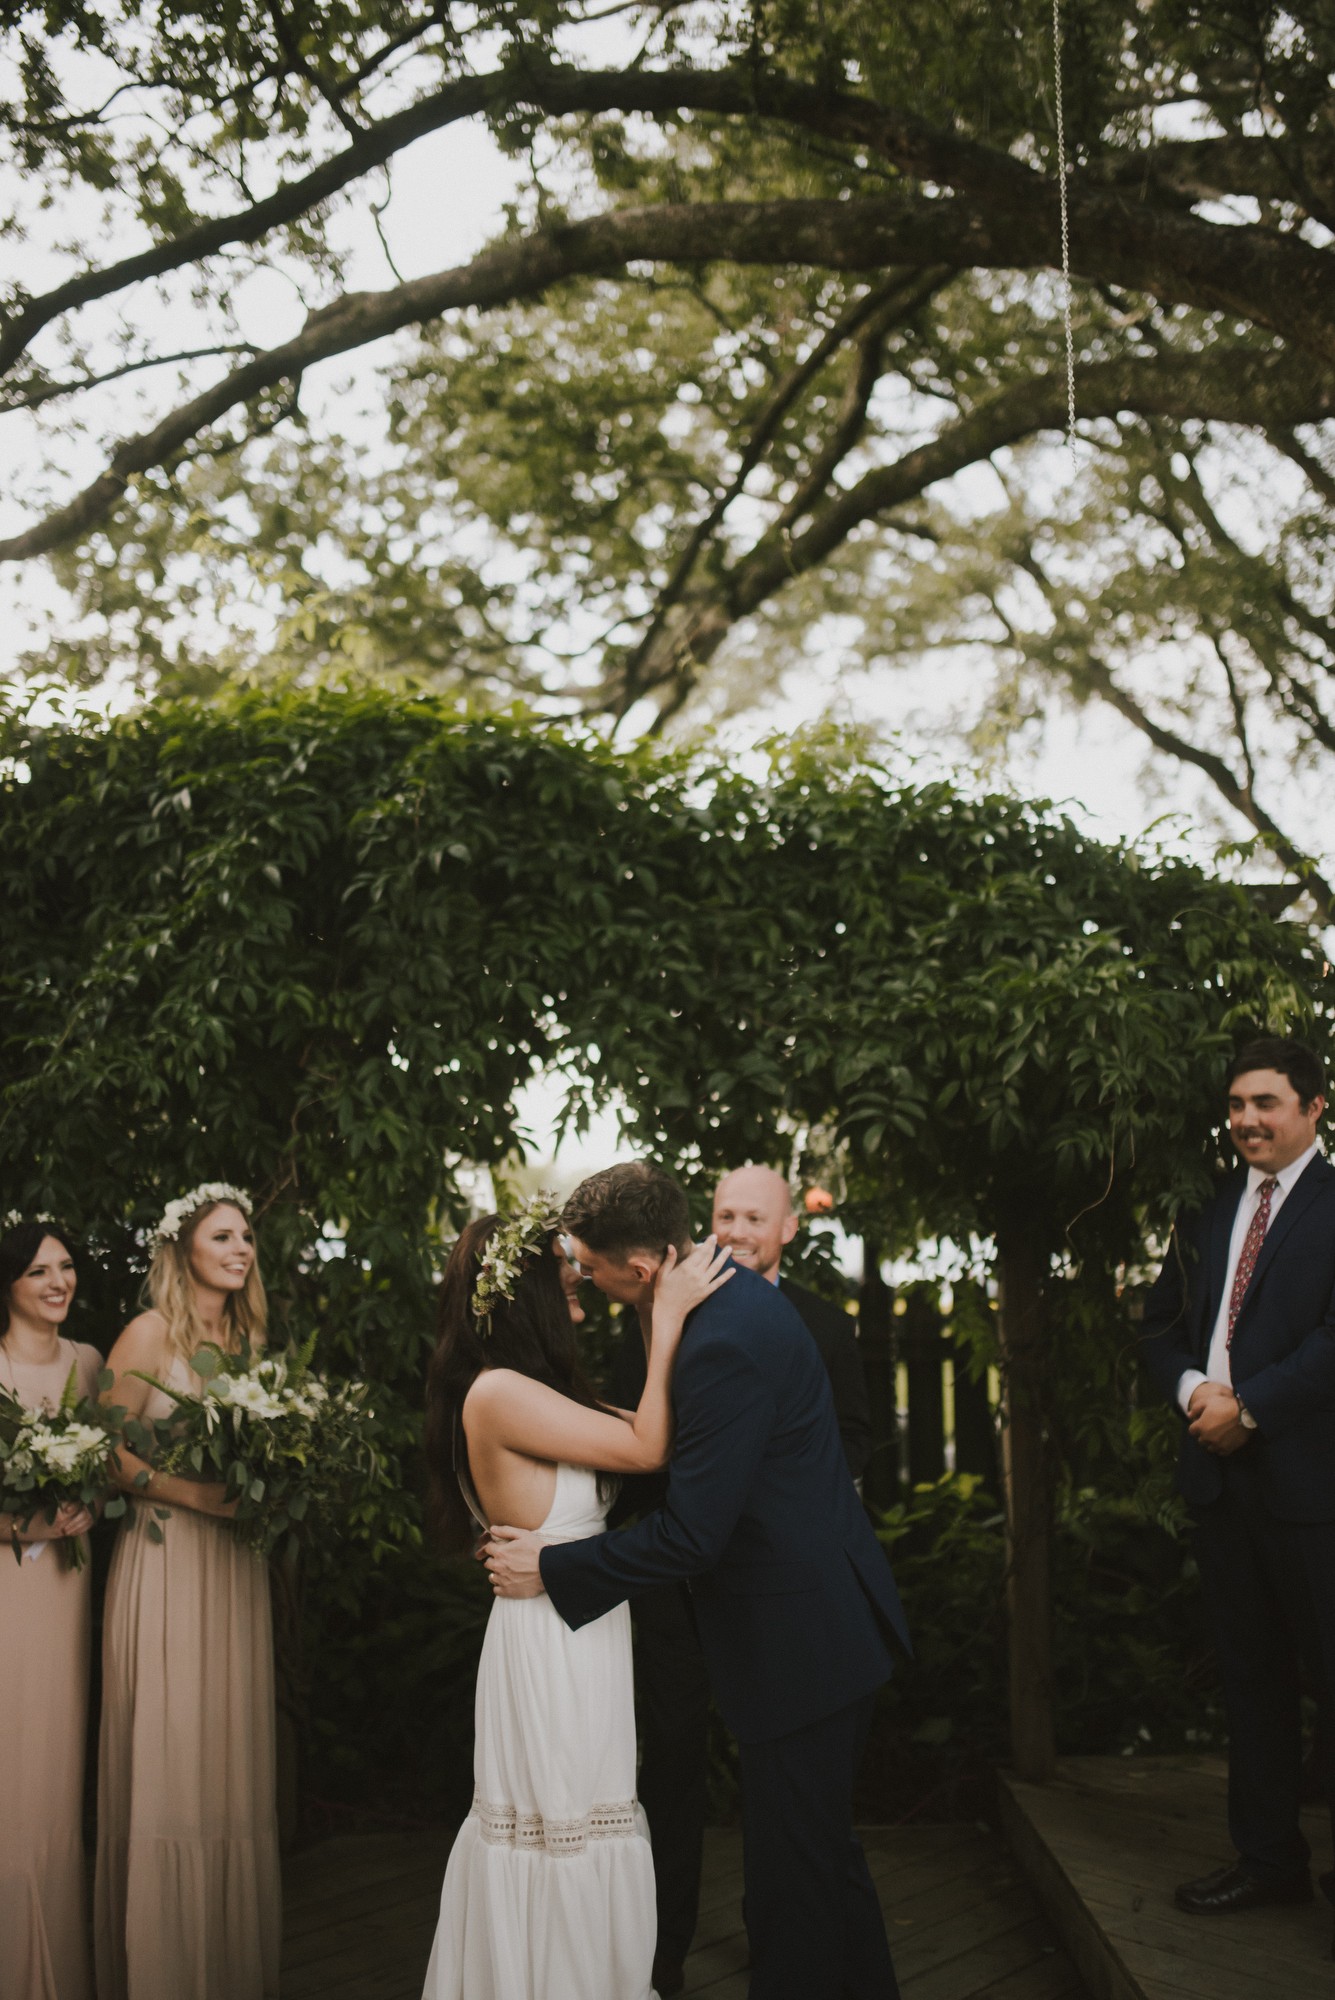 ofRen_weddingphotography084.JPG